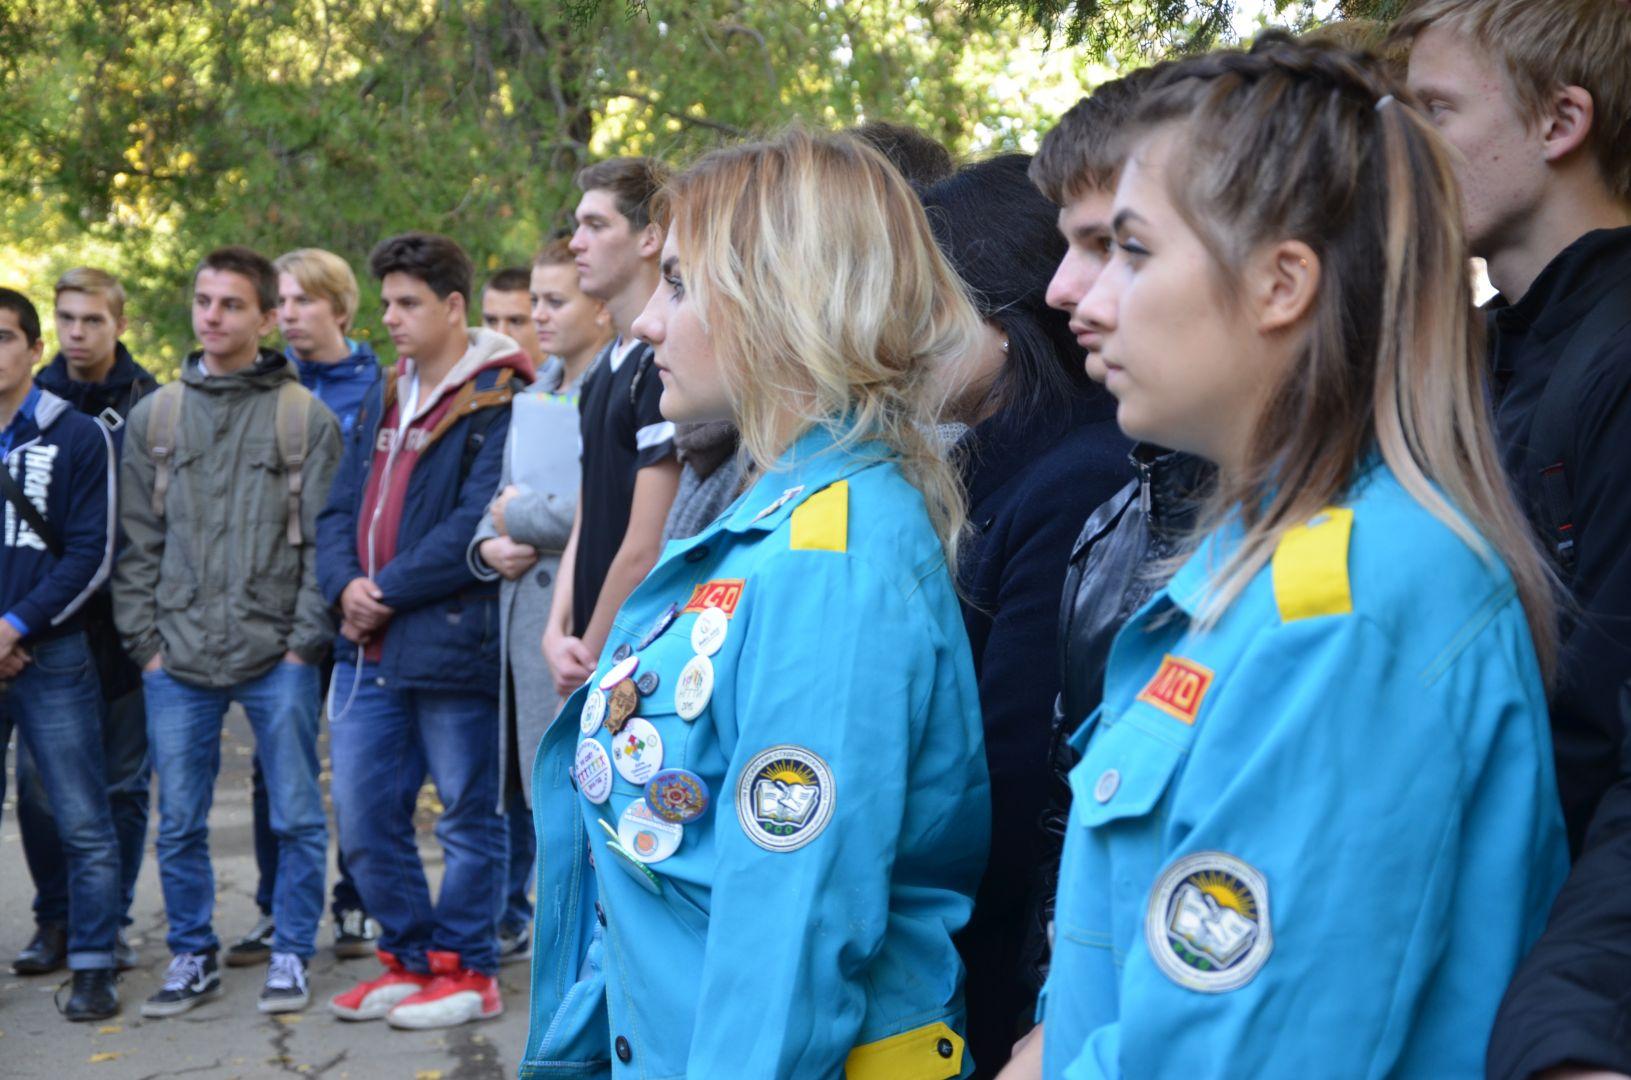 Молодёжь Ставрополья готовит акцию «Успей сказать: «Спасибо!»